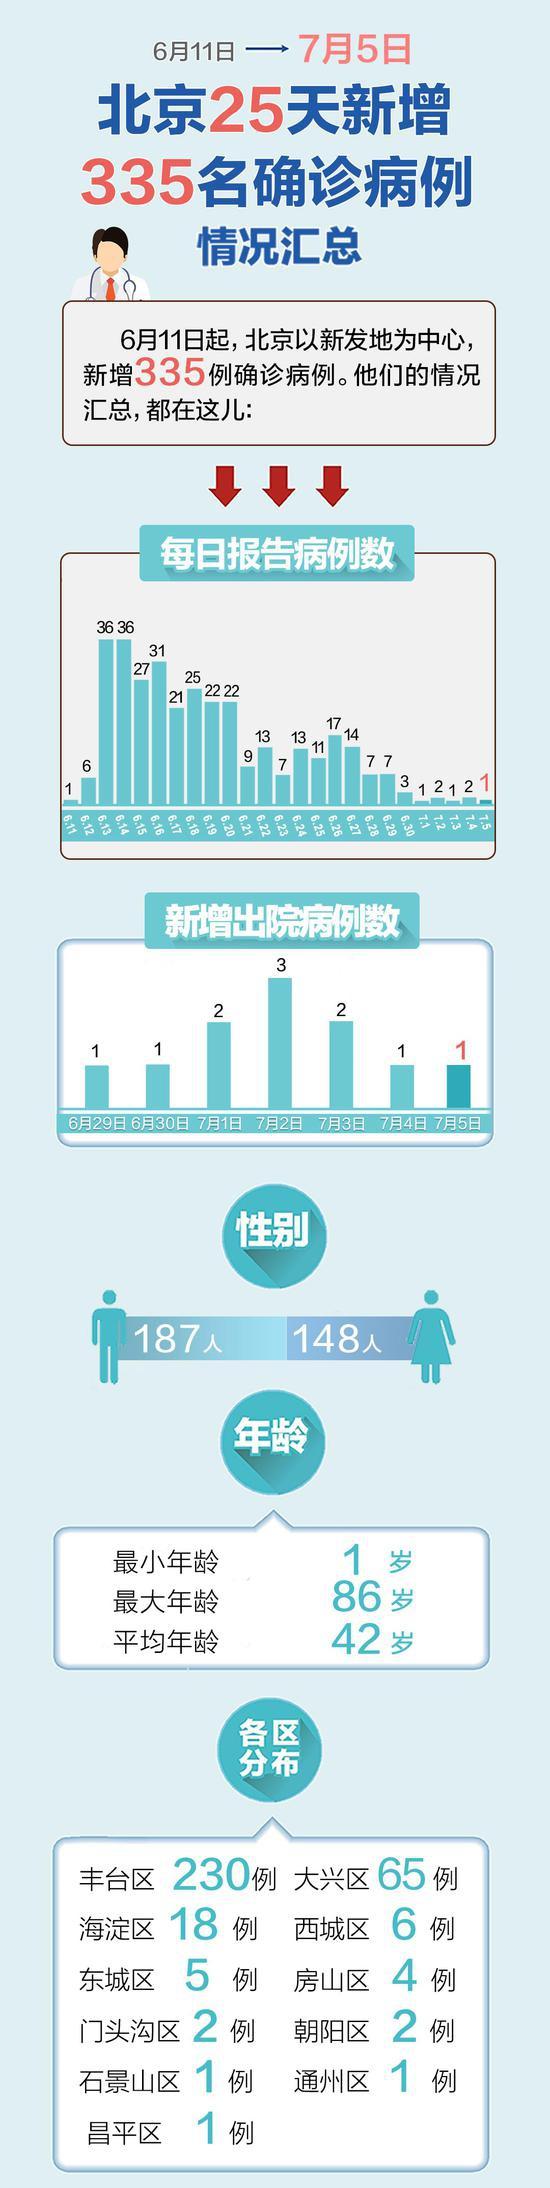 一图速览北京335名确杏悦诊病例情况,杏悦图片